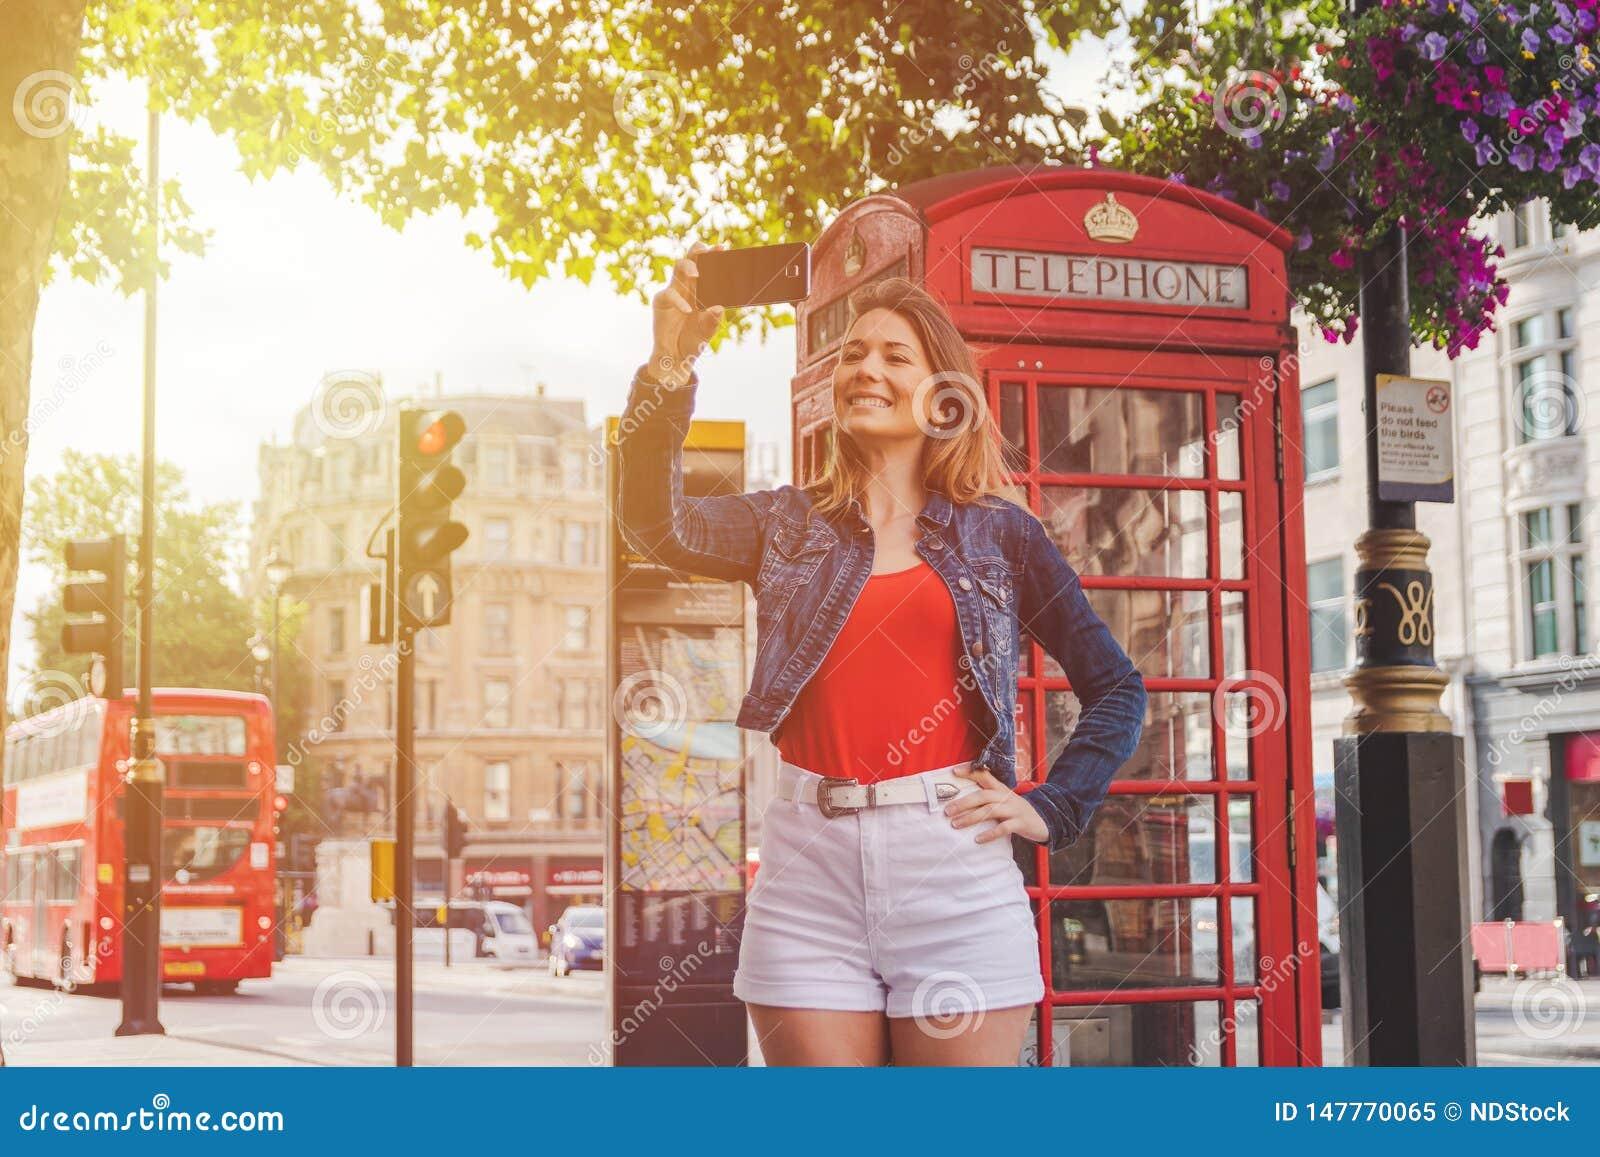 Gelukkig jong meisje die een selfie voor een telefoondoos en een rode bus in Londen nemen